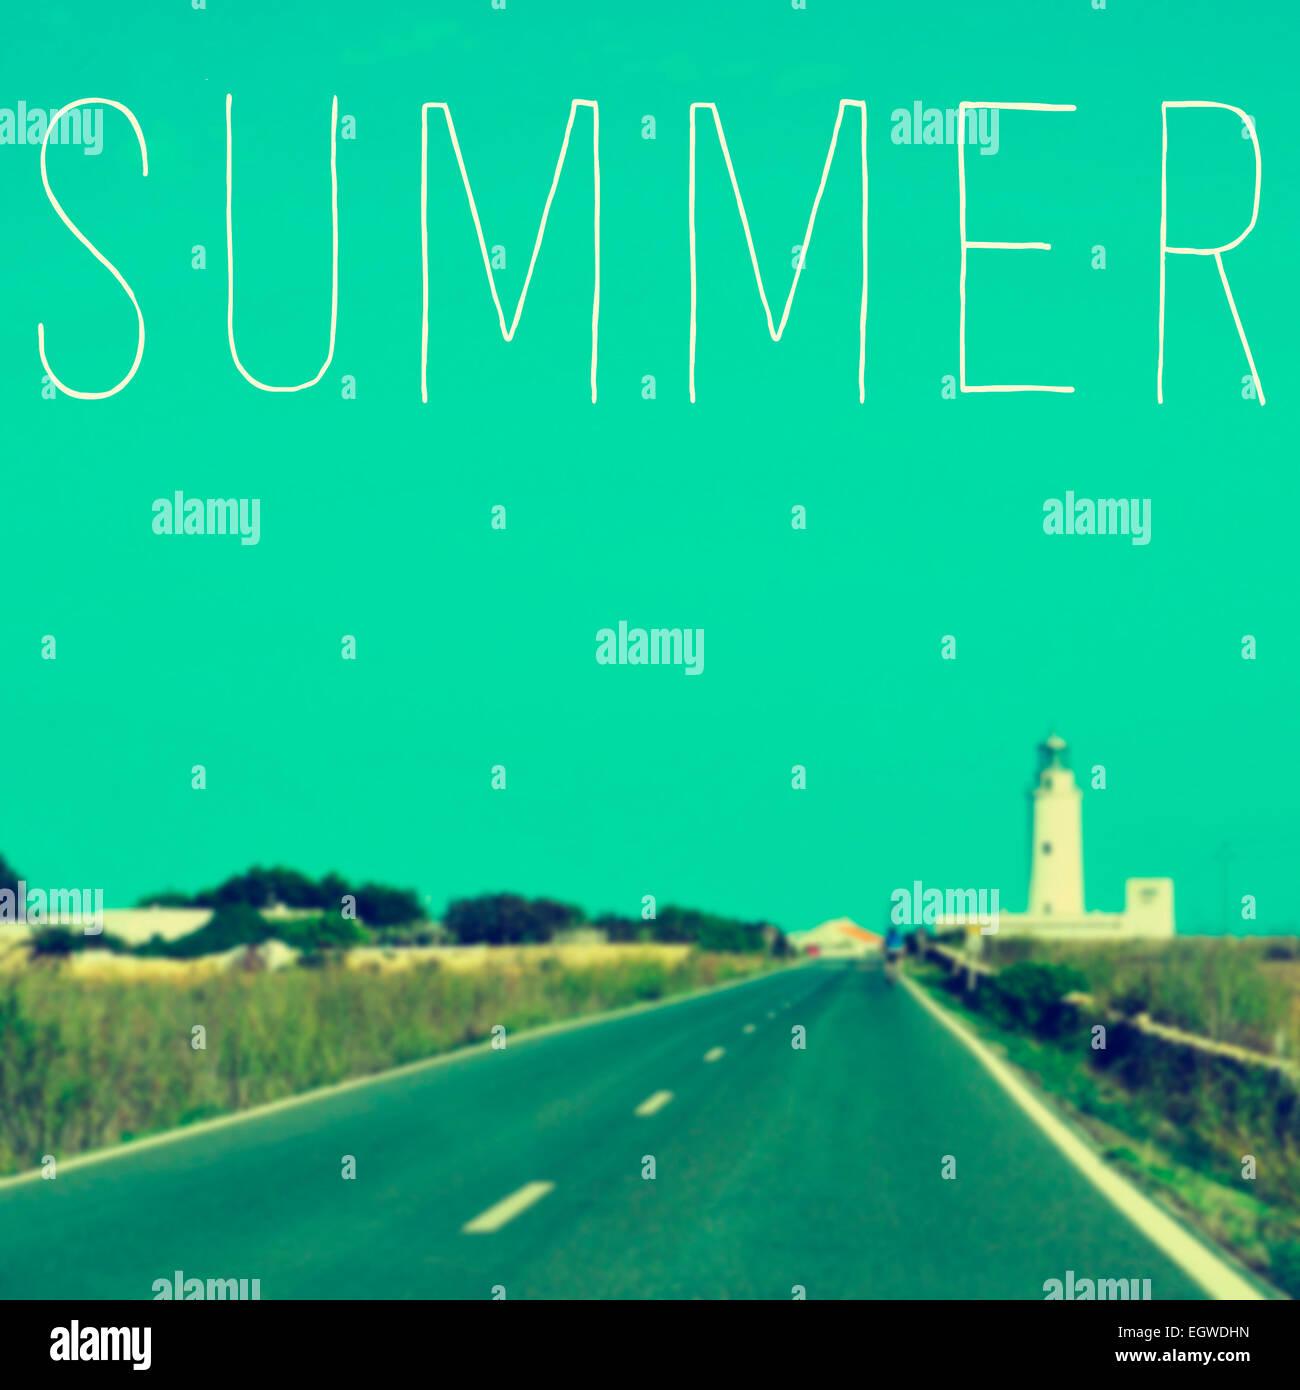 La palabra escrita en verano una imagen borrosa de una tranquila carretera que conduce a un faro Foto de stock